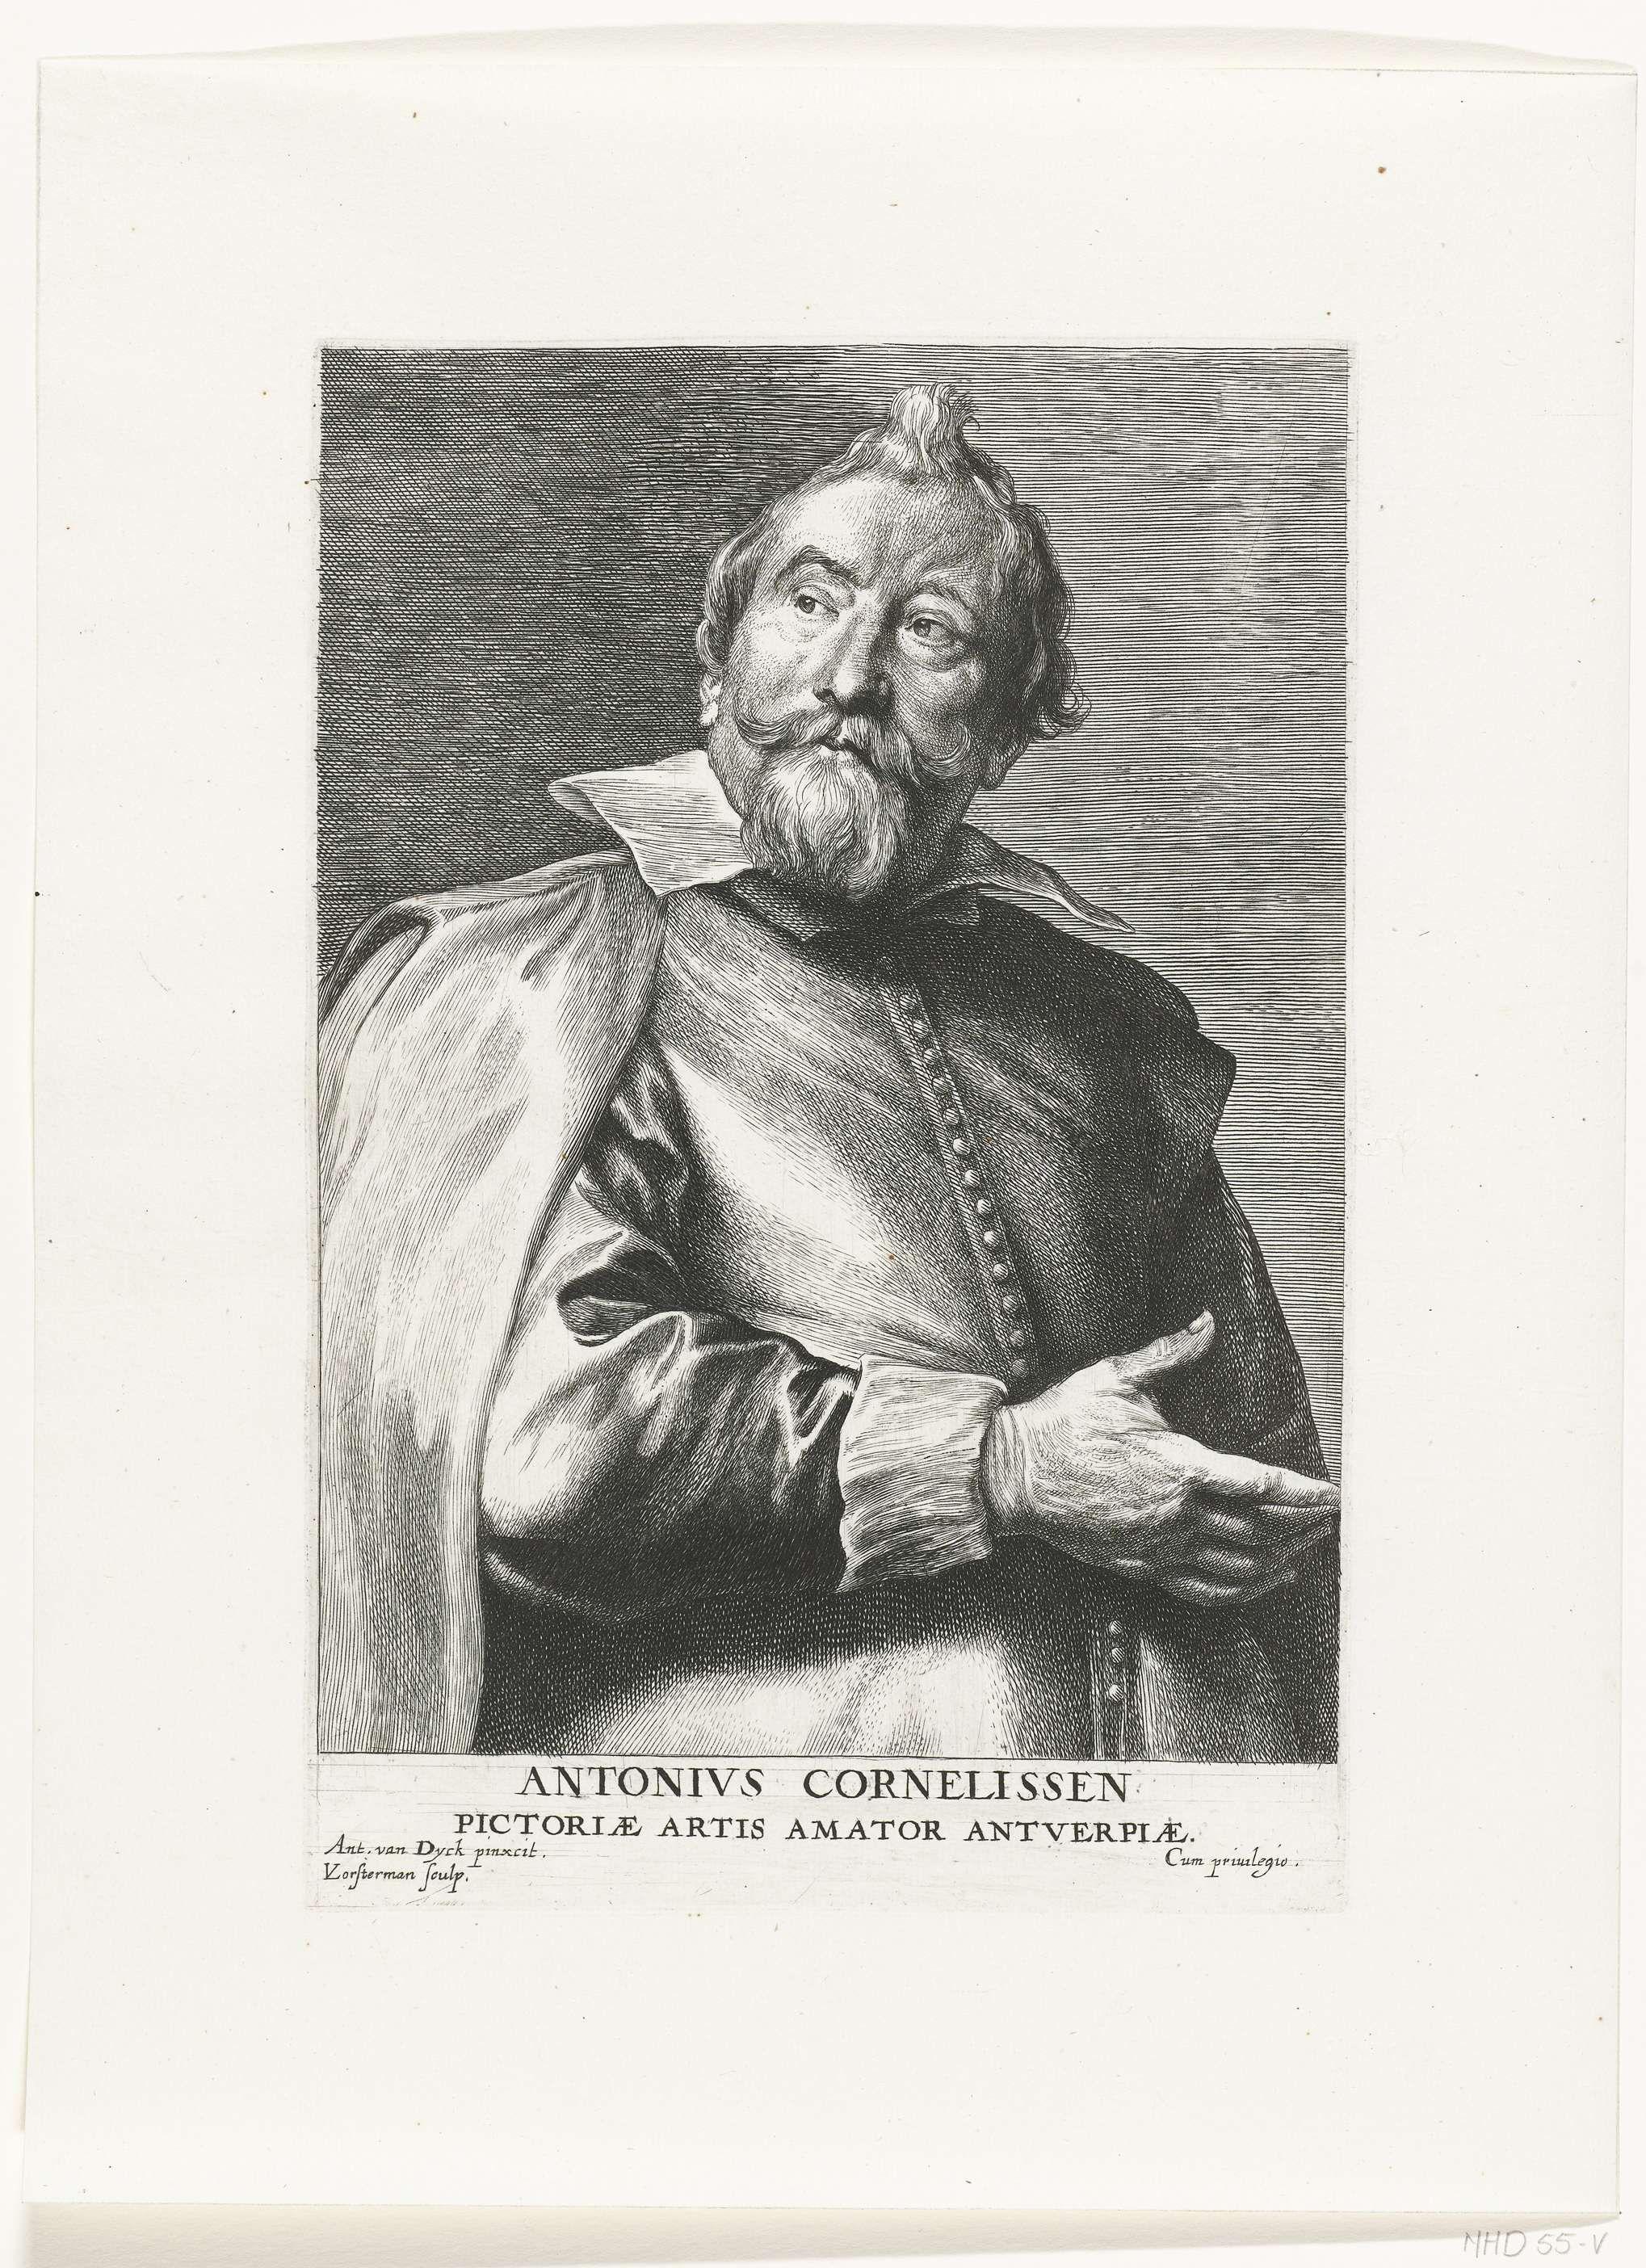 Lucas Vorsterman (I) | Portret van de verzamelaar Antonius Cornelissen, Lucas Vorsterman (I), 1630 - before 1646 | Portret van de verzamelaar Antoon Cornelissen met onderschrift ANTONIVS CORNELISSEN PICTORIAE ARTIS AMATOR ANTVERPIAE